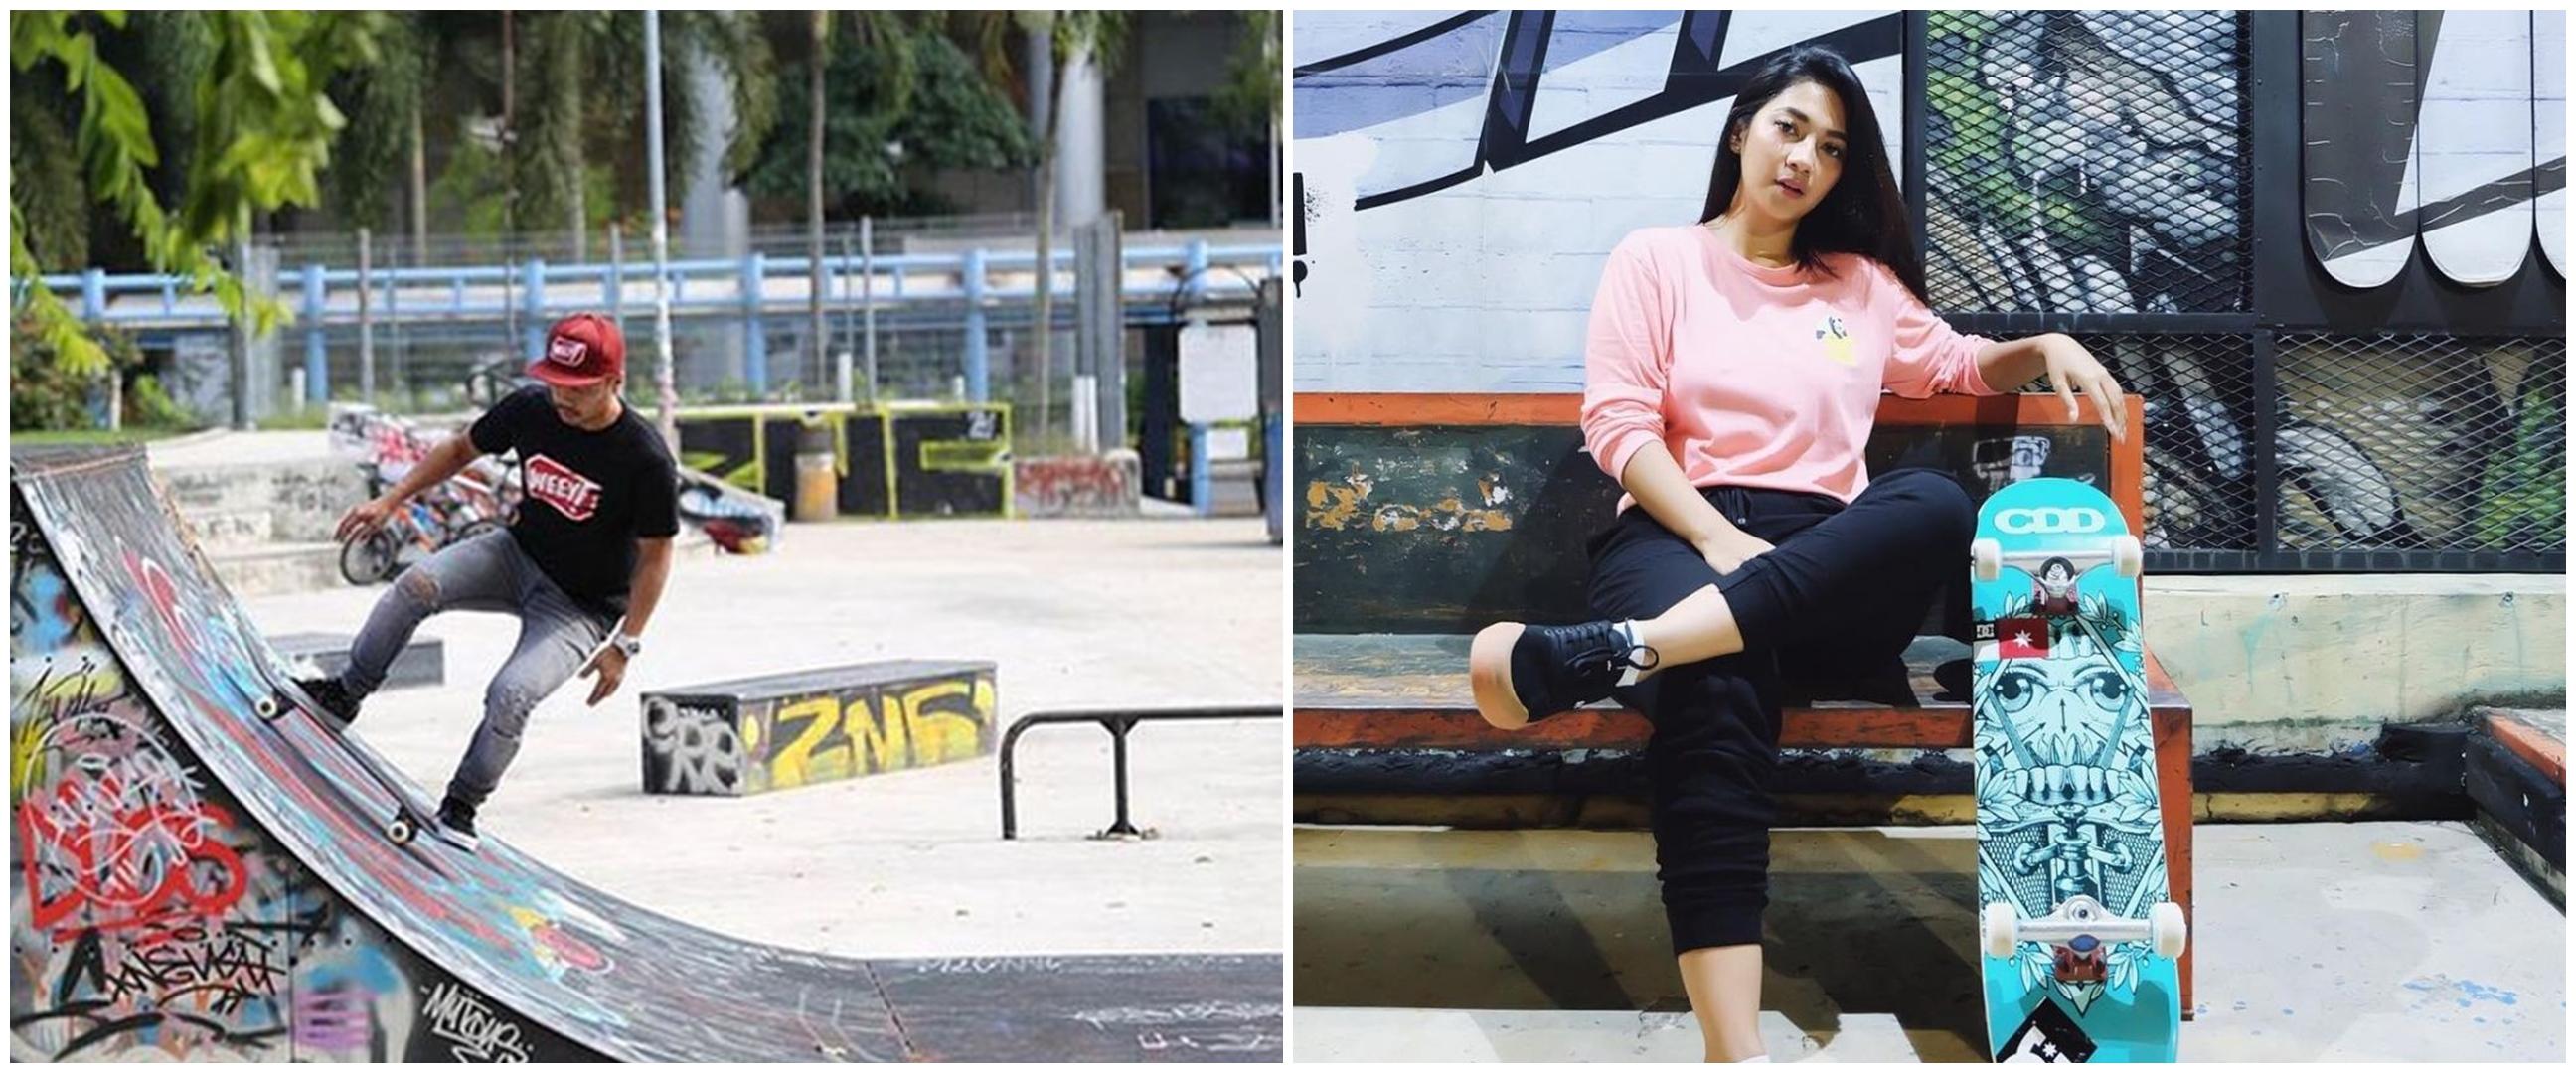 8 Artis Indonesia yang hobi skateboard, ada Dinda Kirana